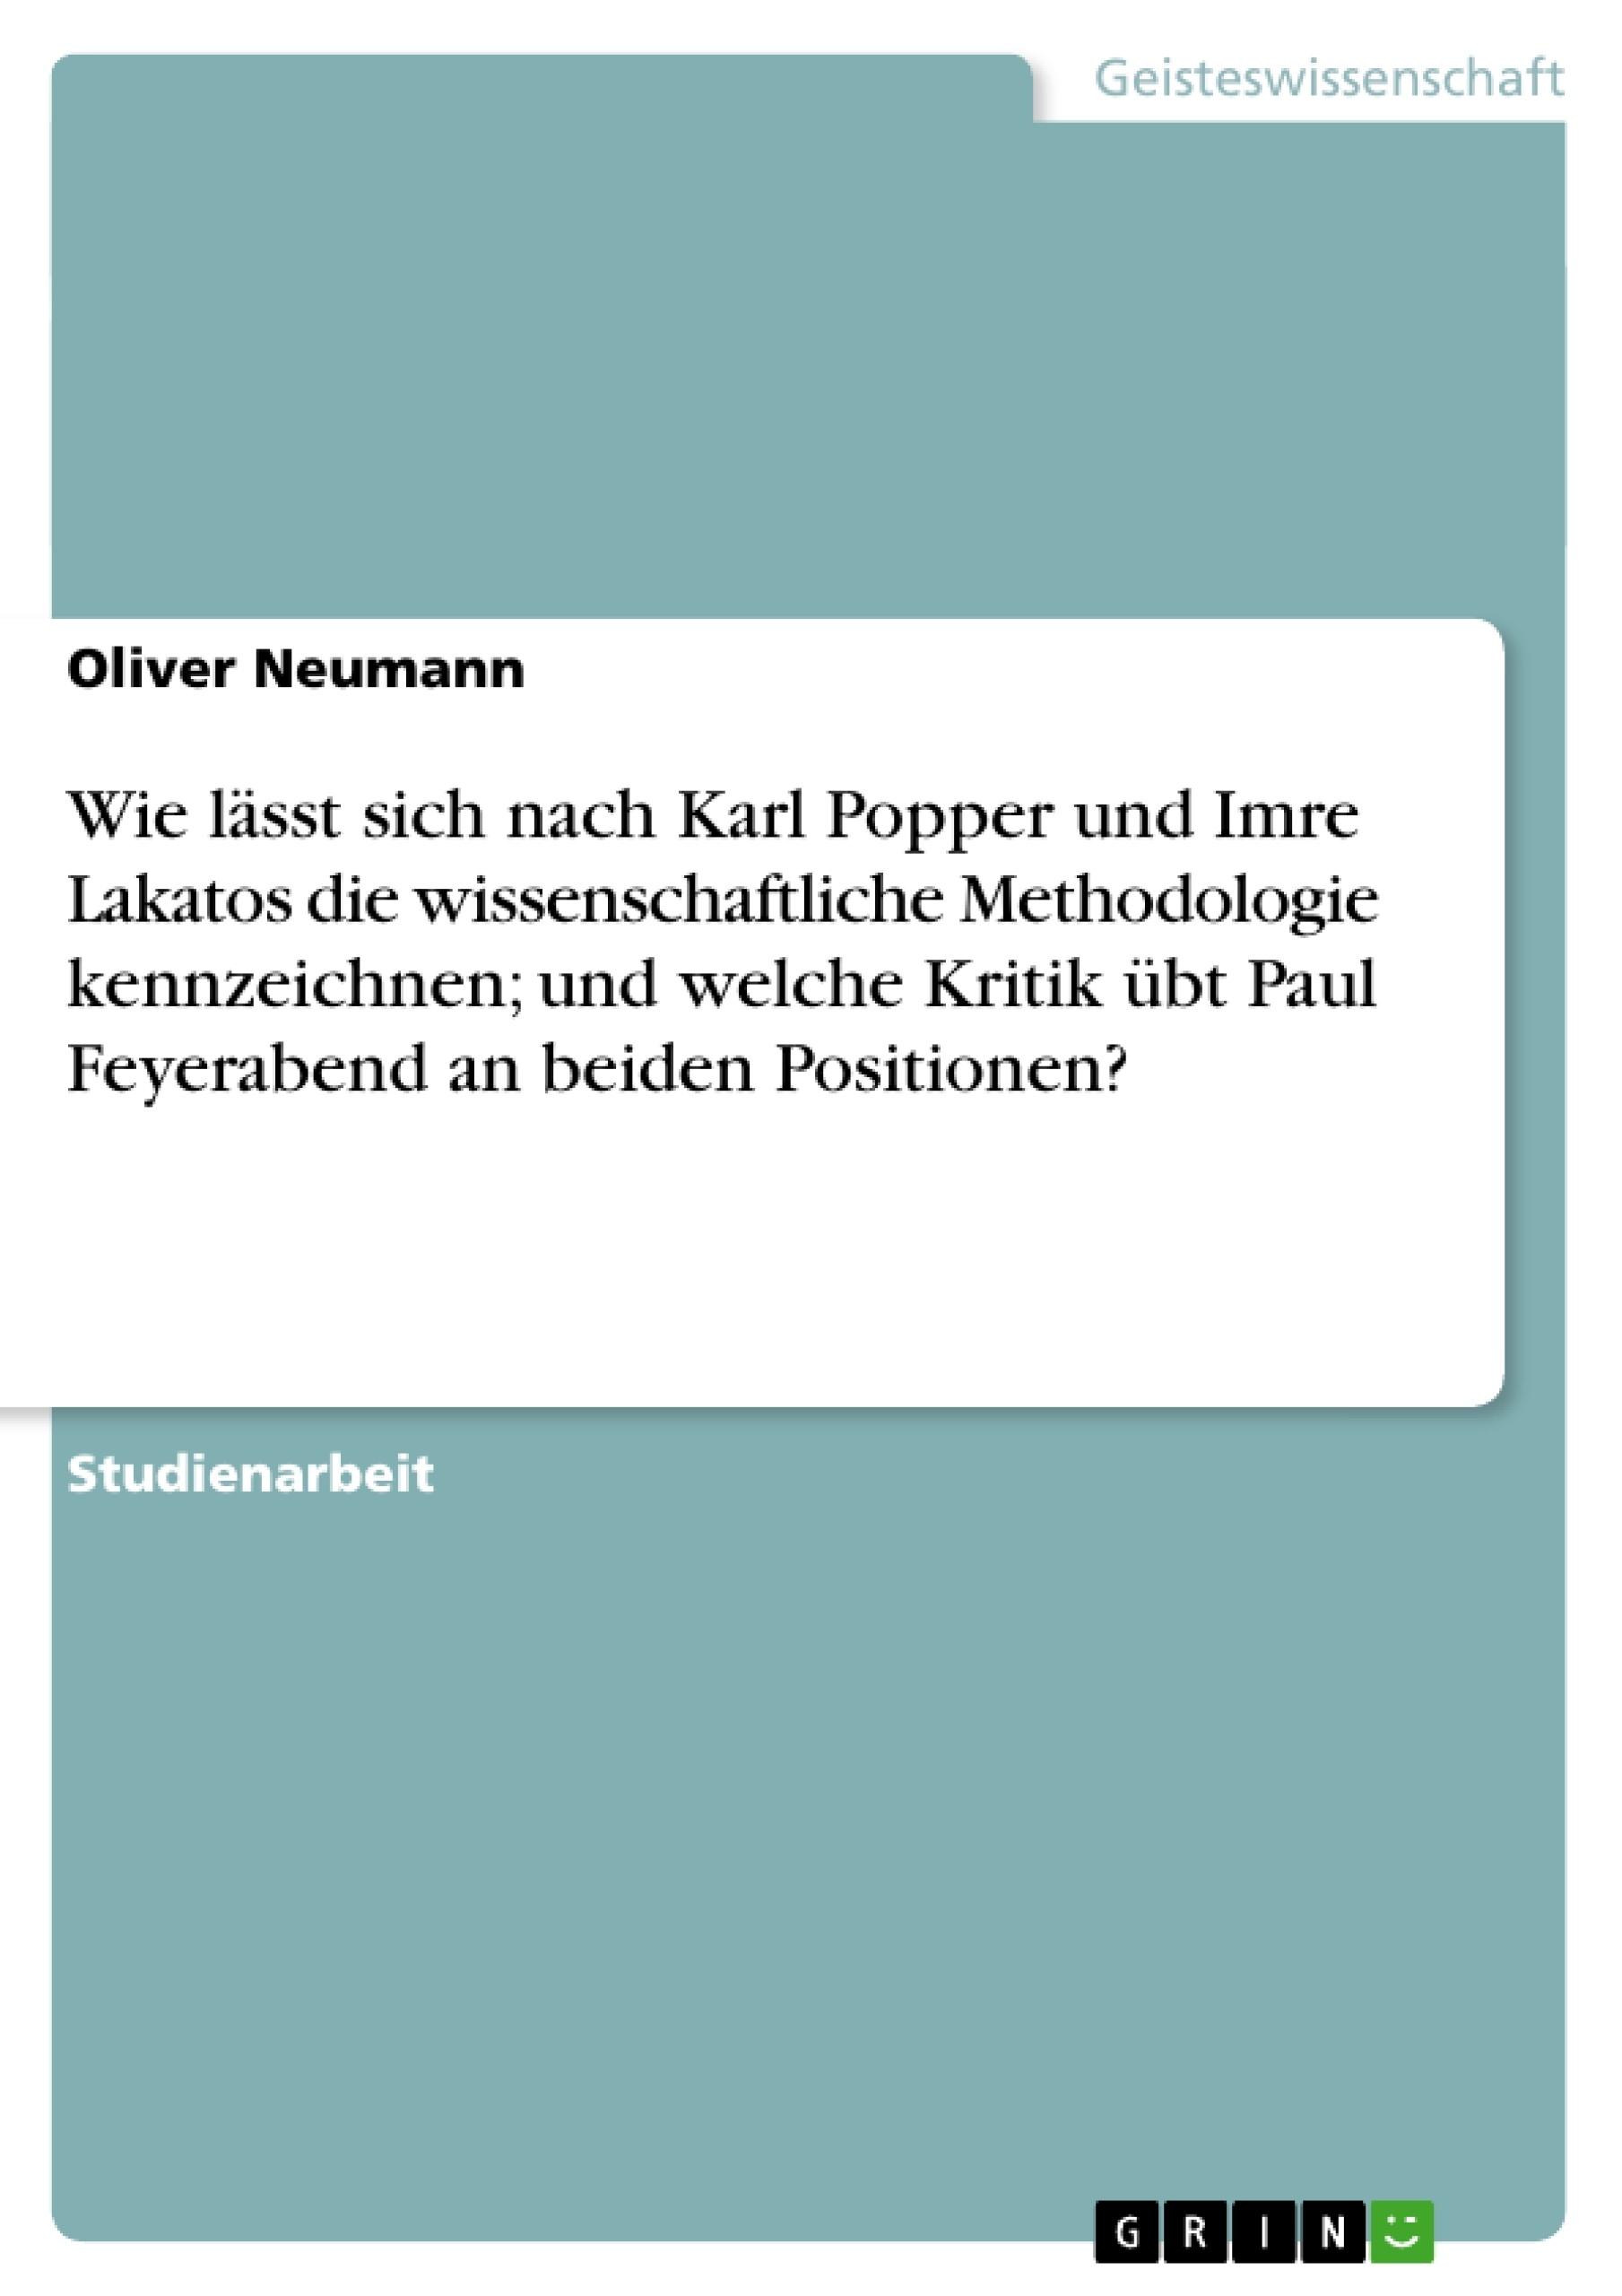 Titel: Wie lässt sich nach Karl Popper und Imre Lakatos die wissenschaftliche Methodologie kennzeichnen; und welche Kritik übt Paul Feyerabend an beiden Positionen?